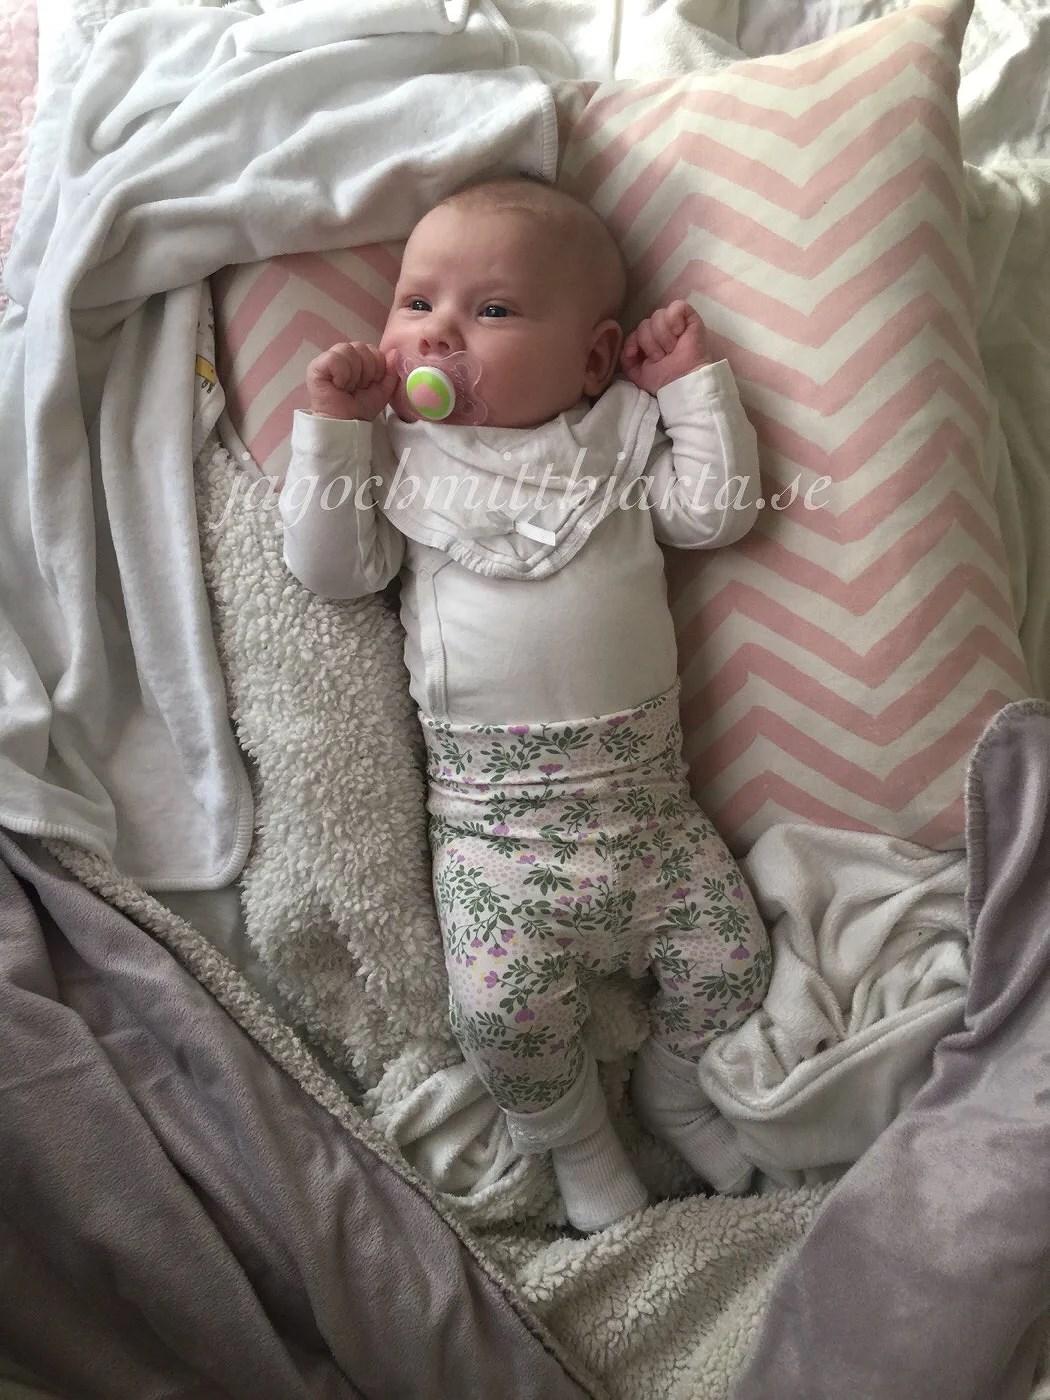 min dotter är tjock